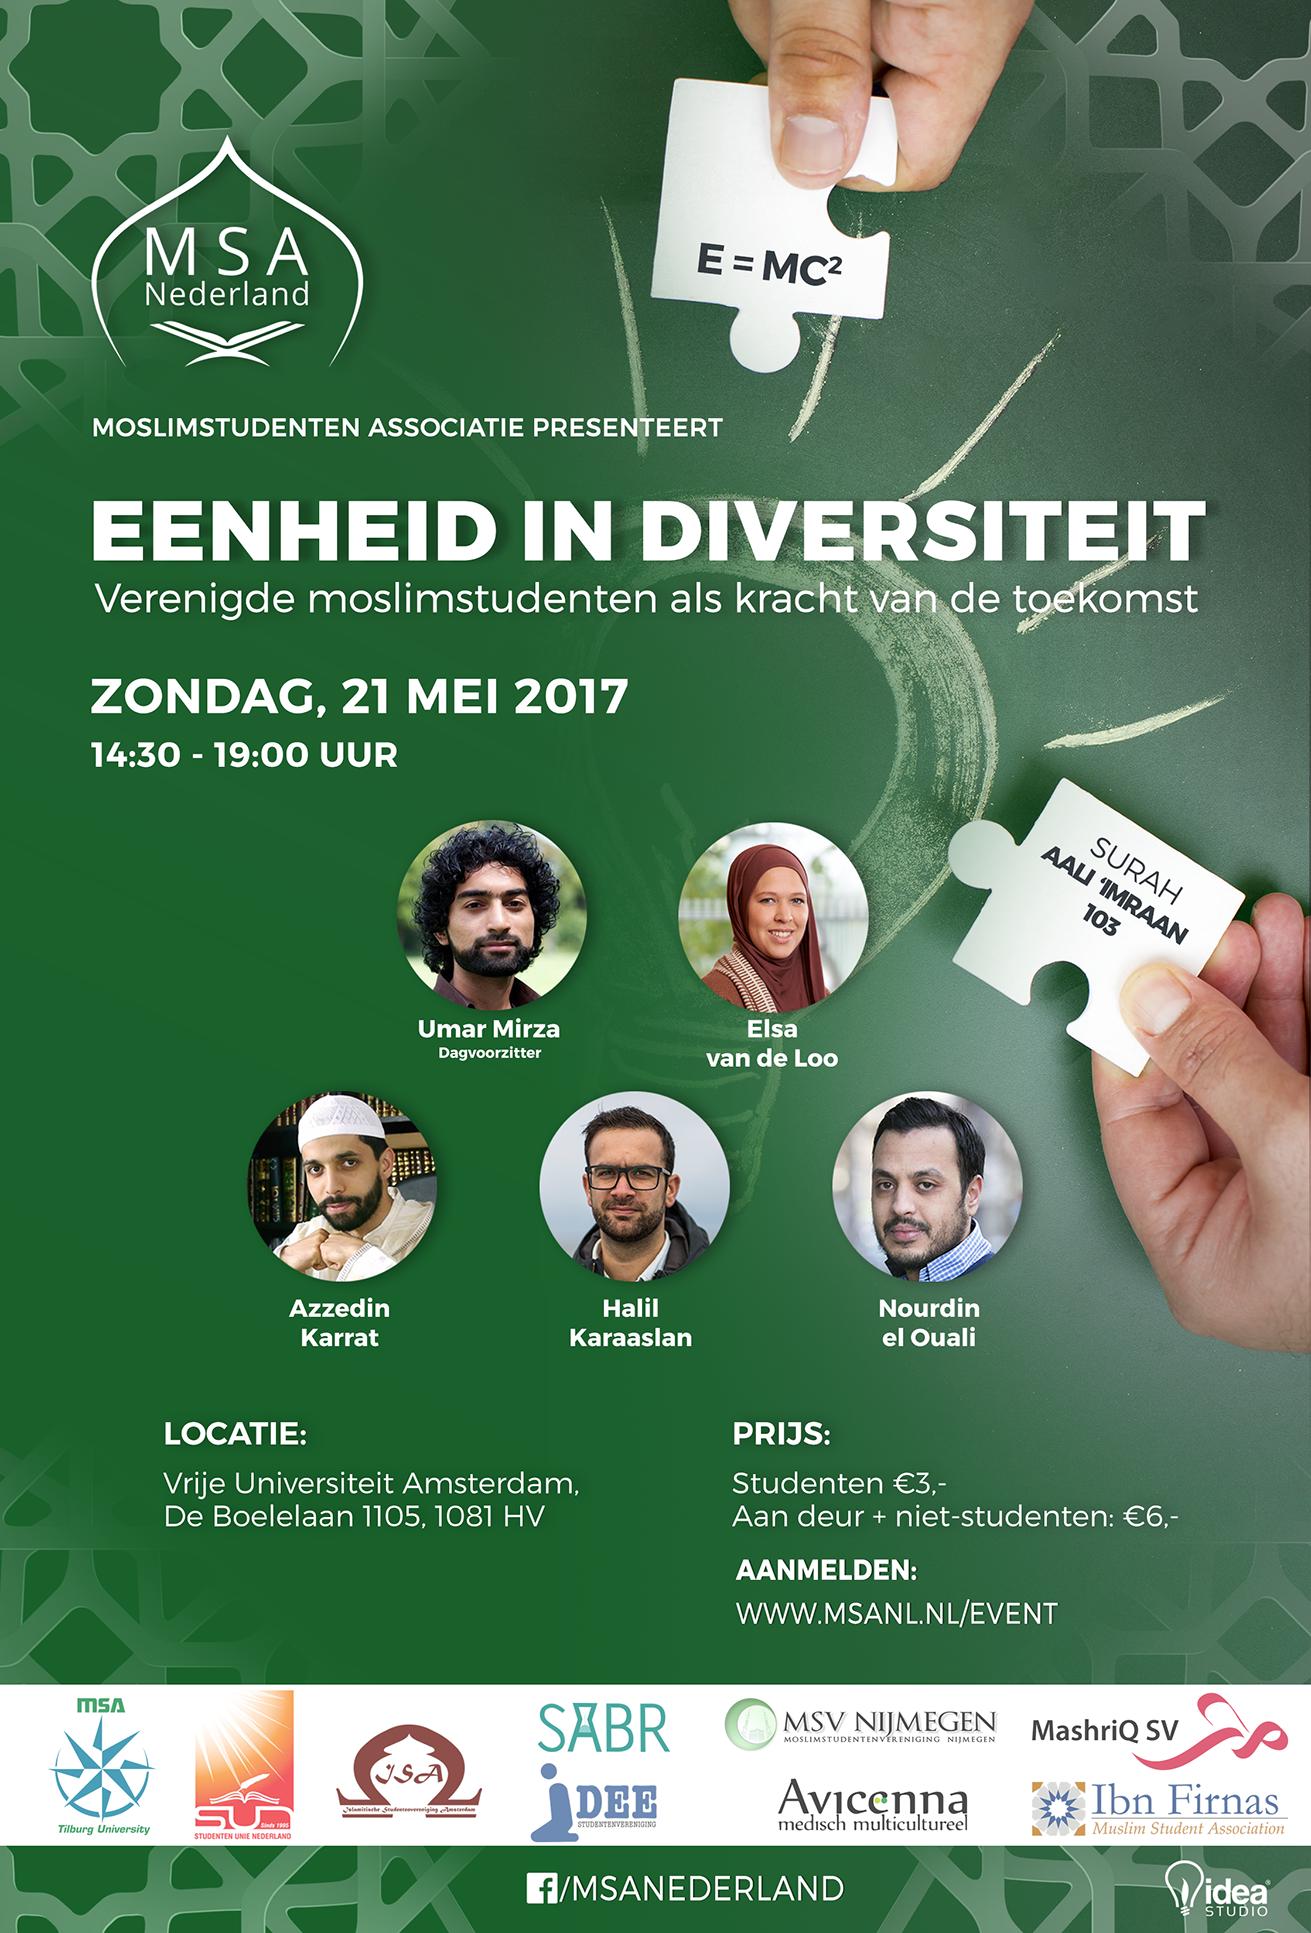 eenheid-in-diversiteit-msa-nederland